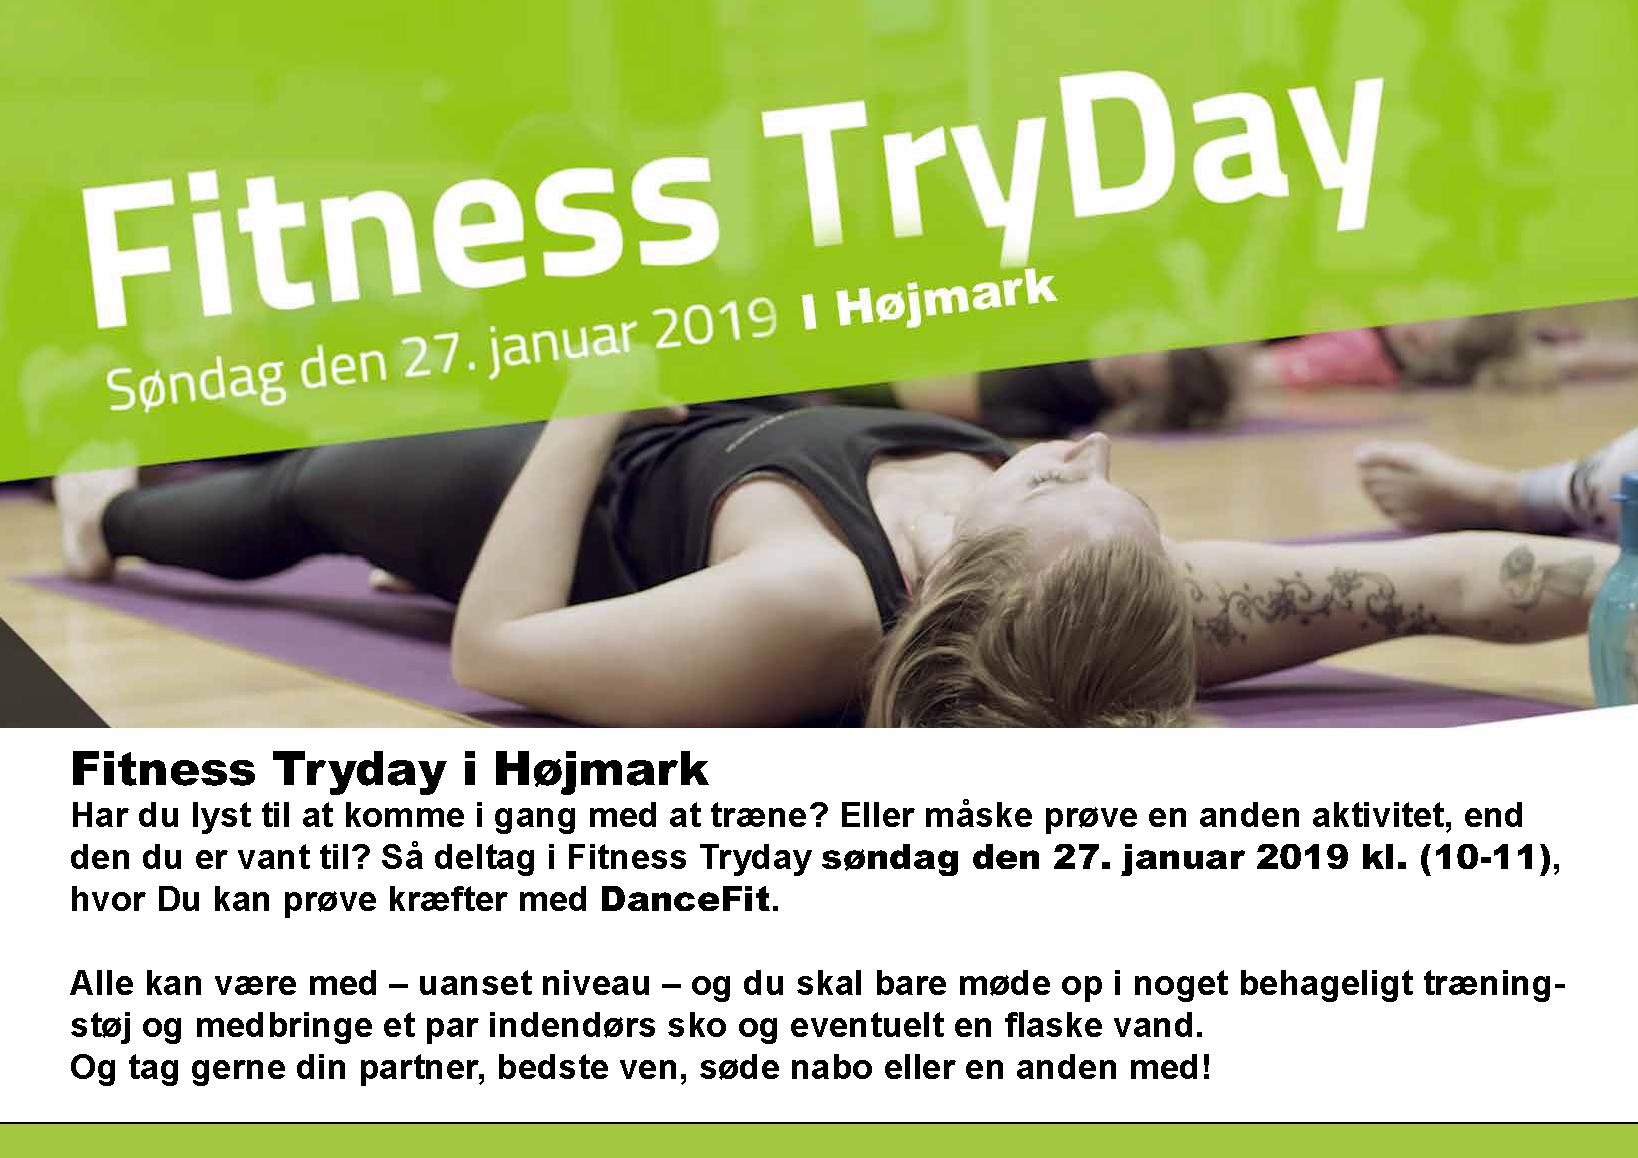 Fitness Tryday i Højmark